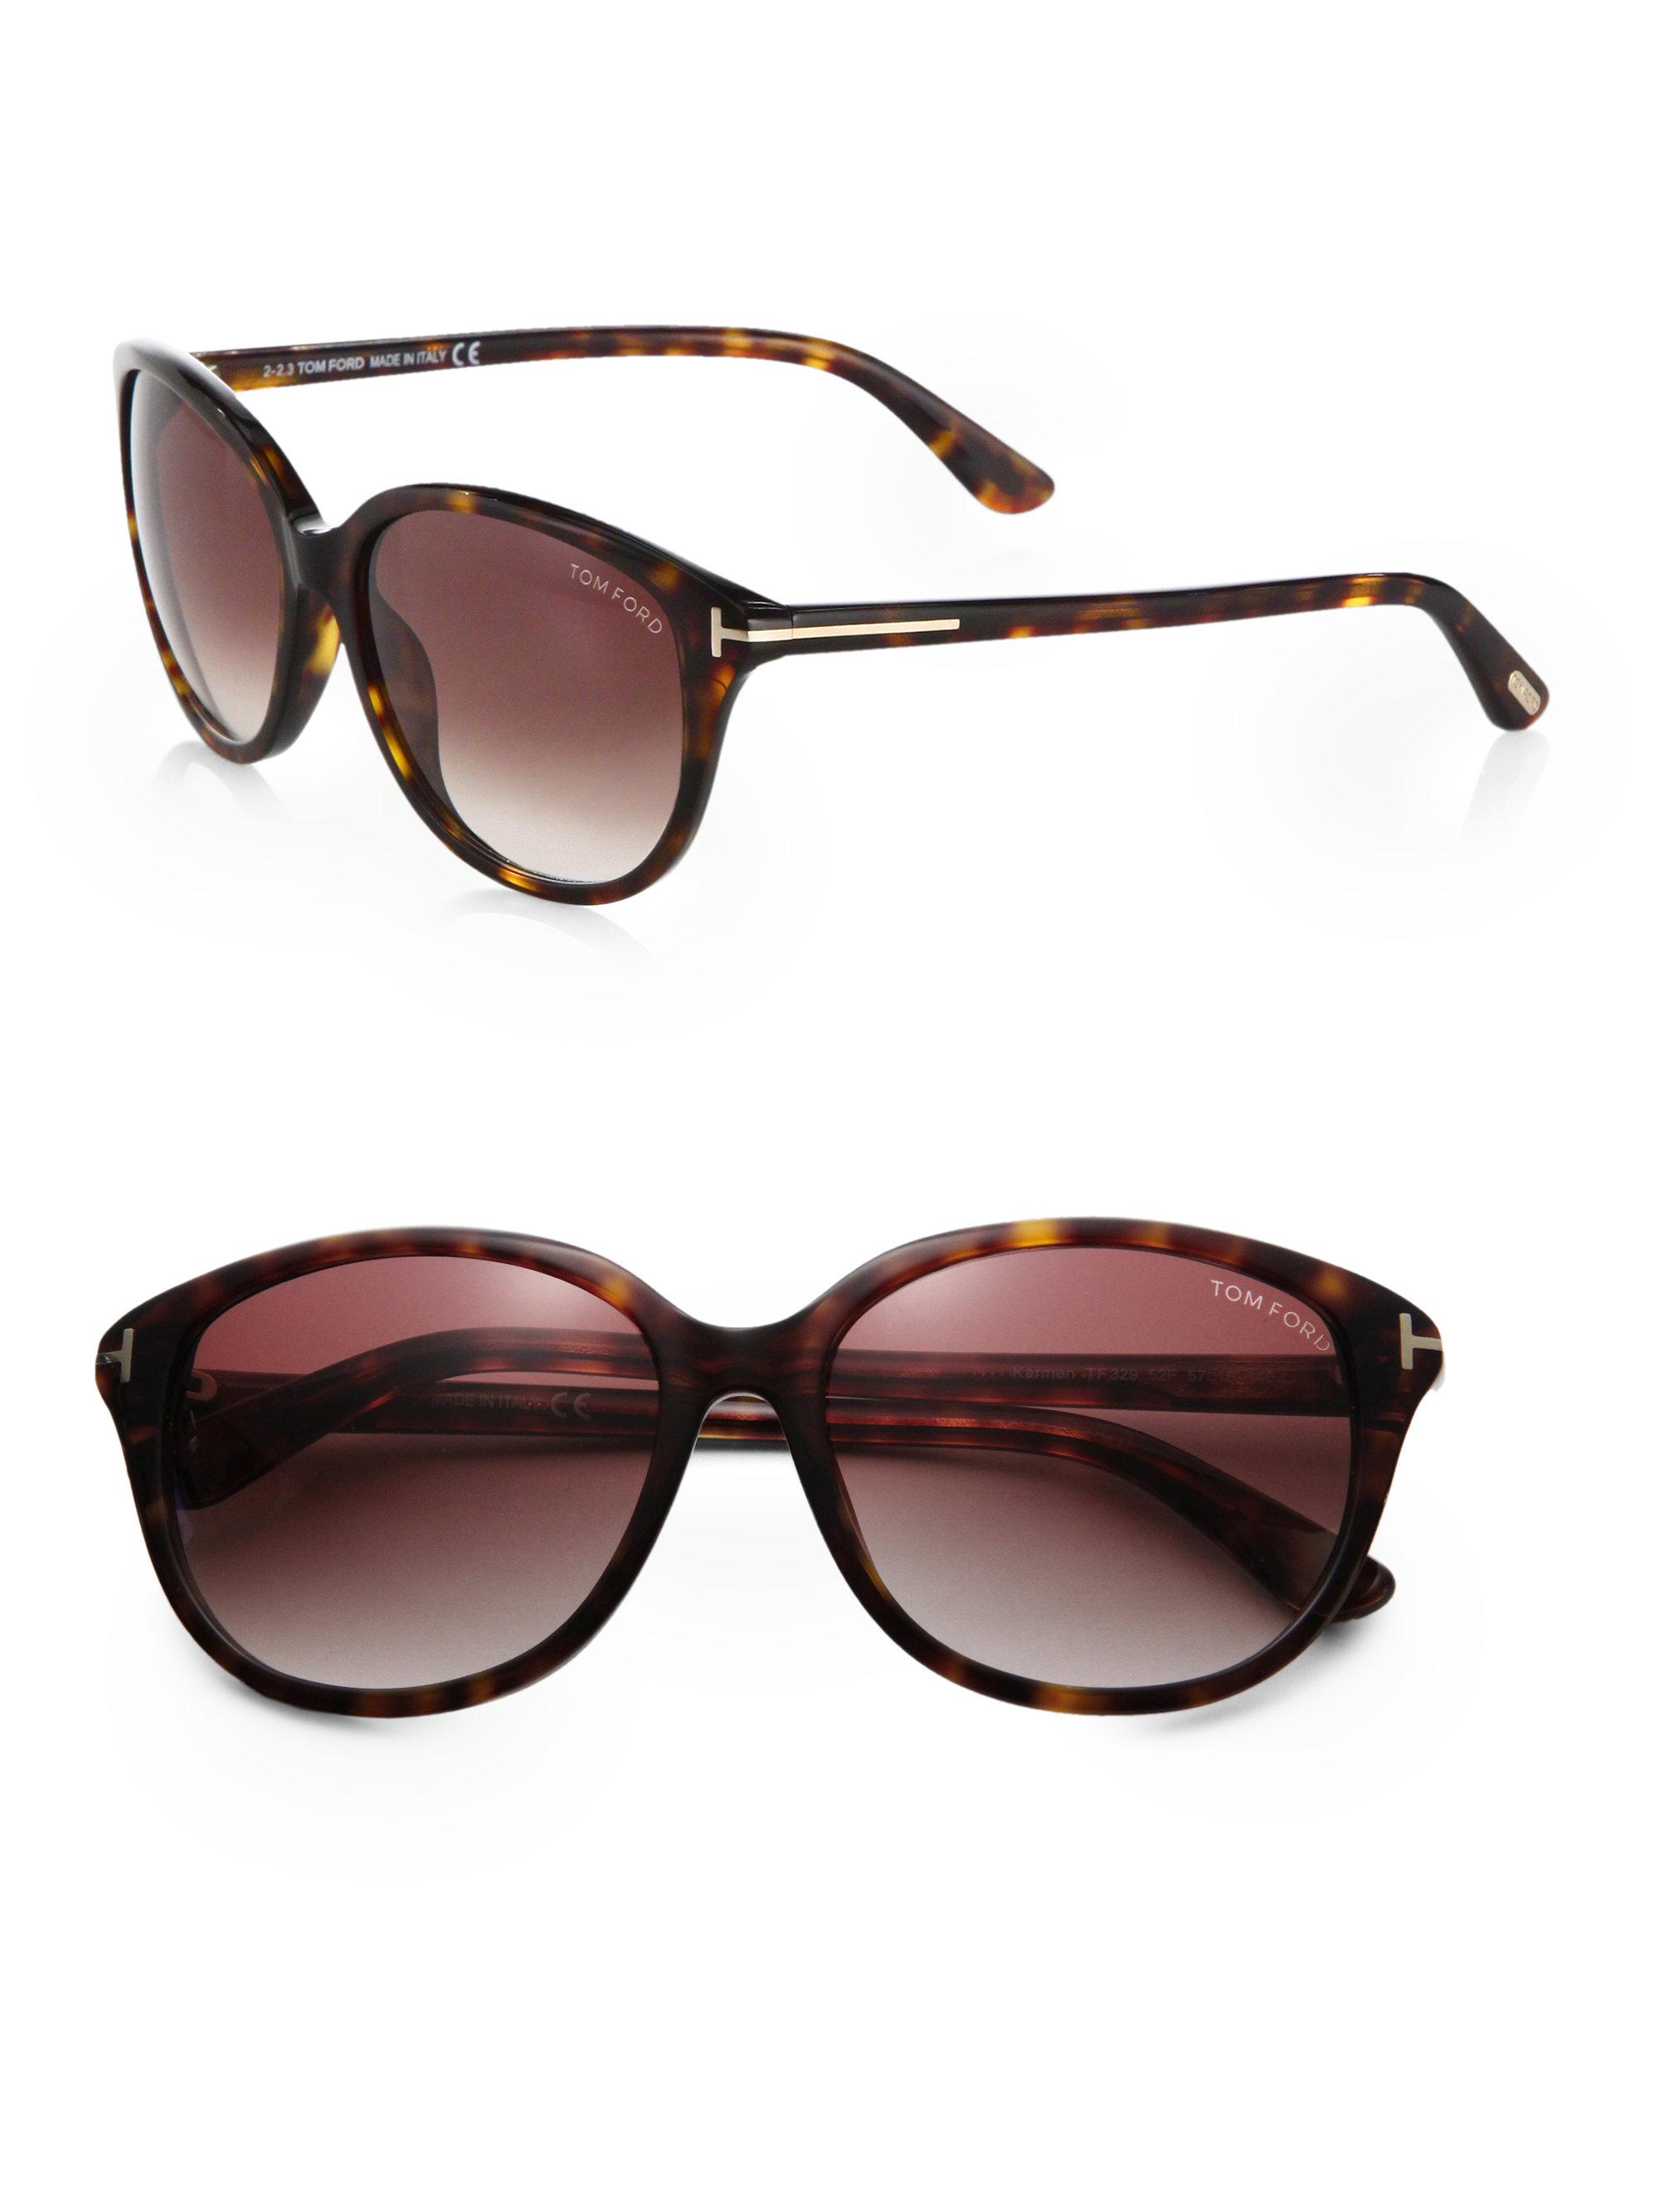 tom ford karmen vintage inspired round sunglasses in brown. Black Bedroom Furniture Sets. Home Design Ideas